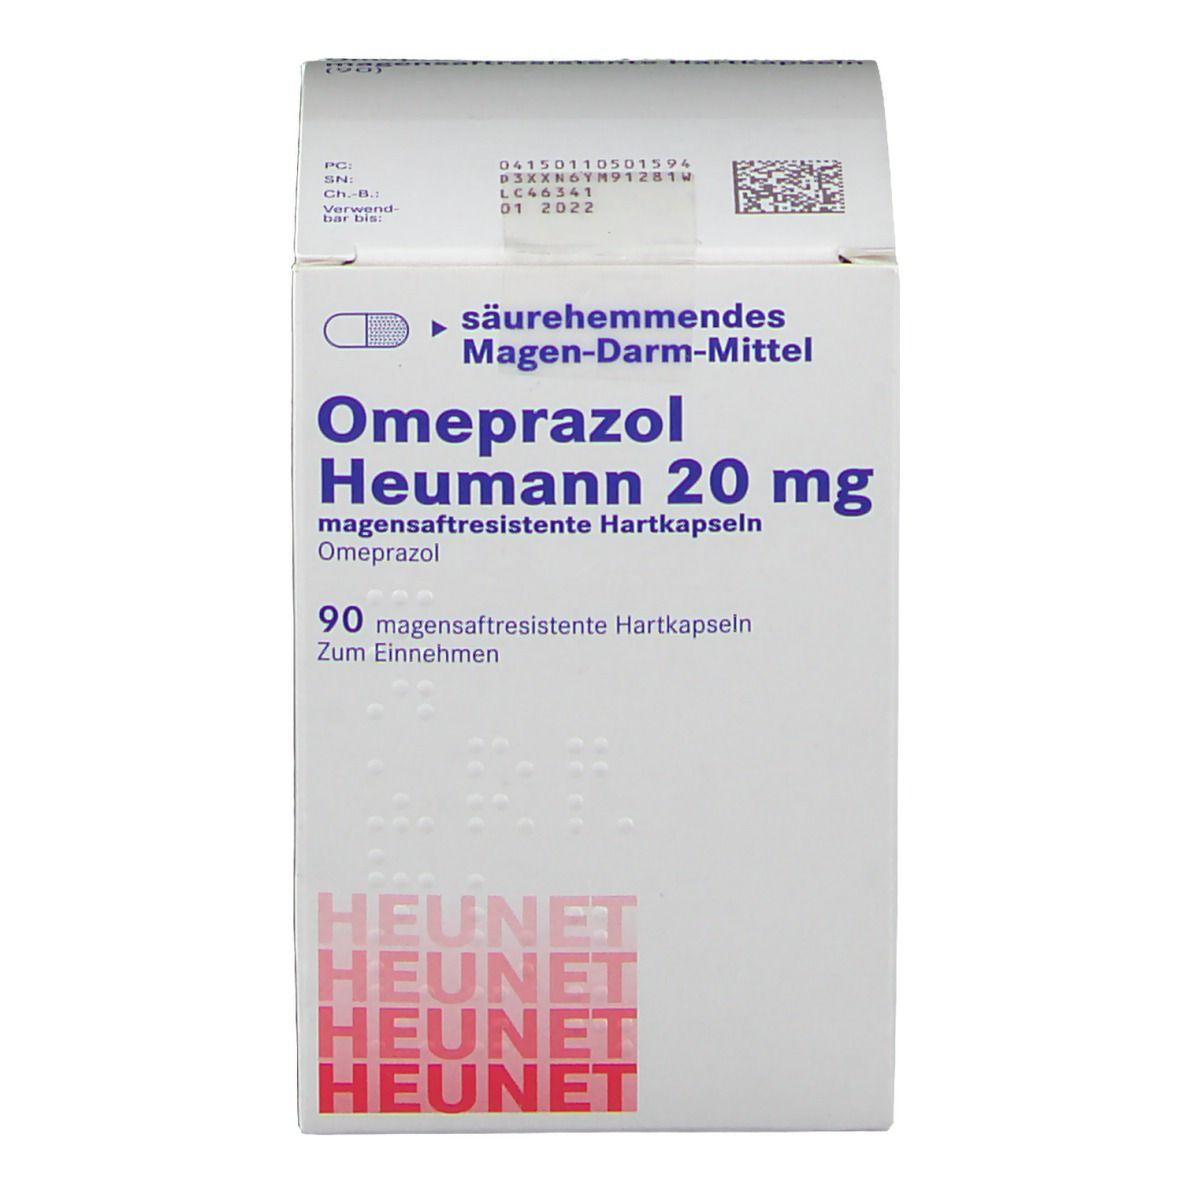 OMEPRAZOL Heumann 20 mg magensaftr.Hartkps.Heunet